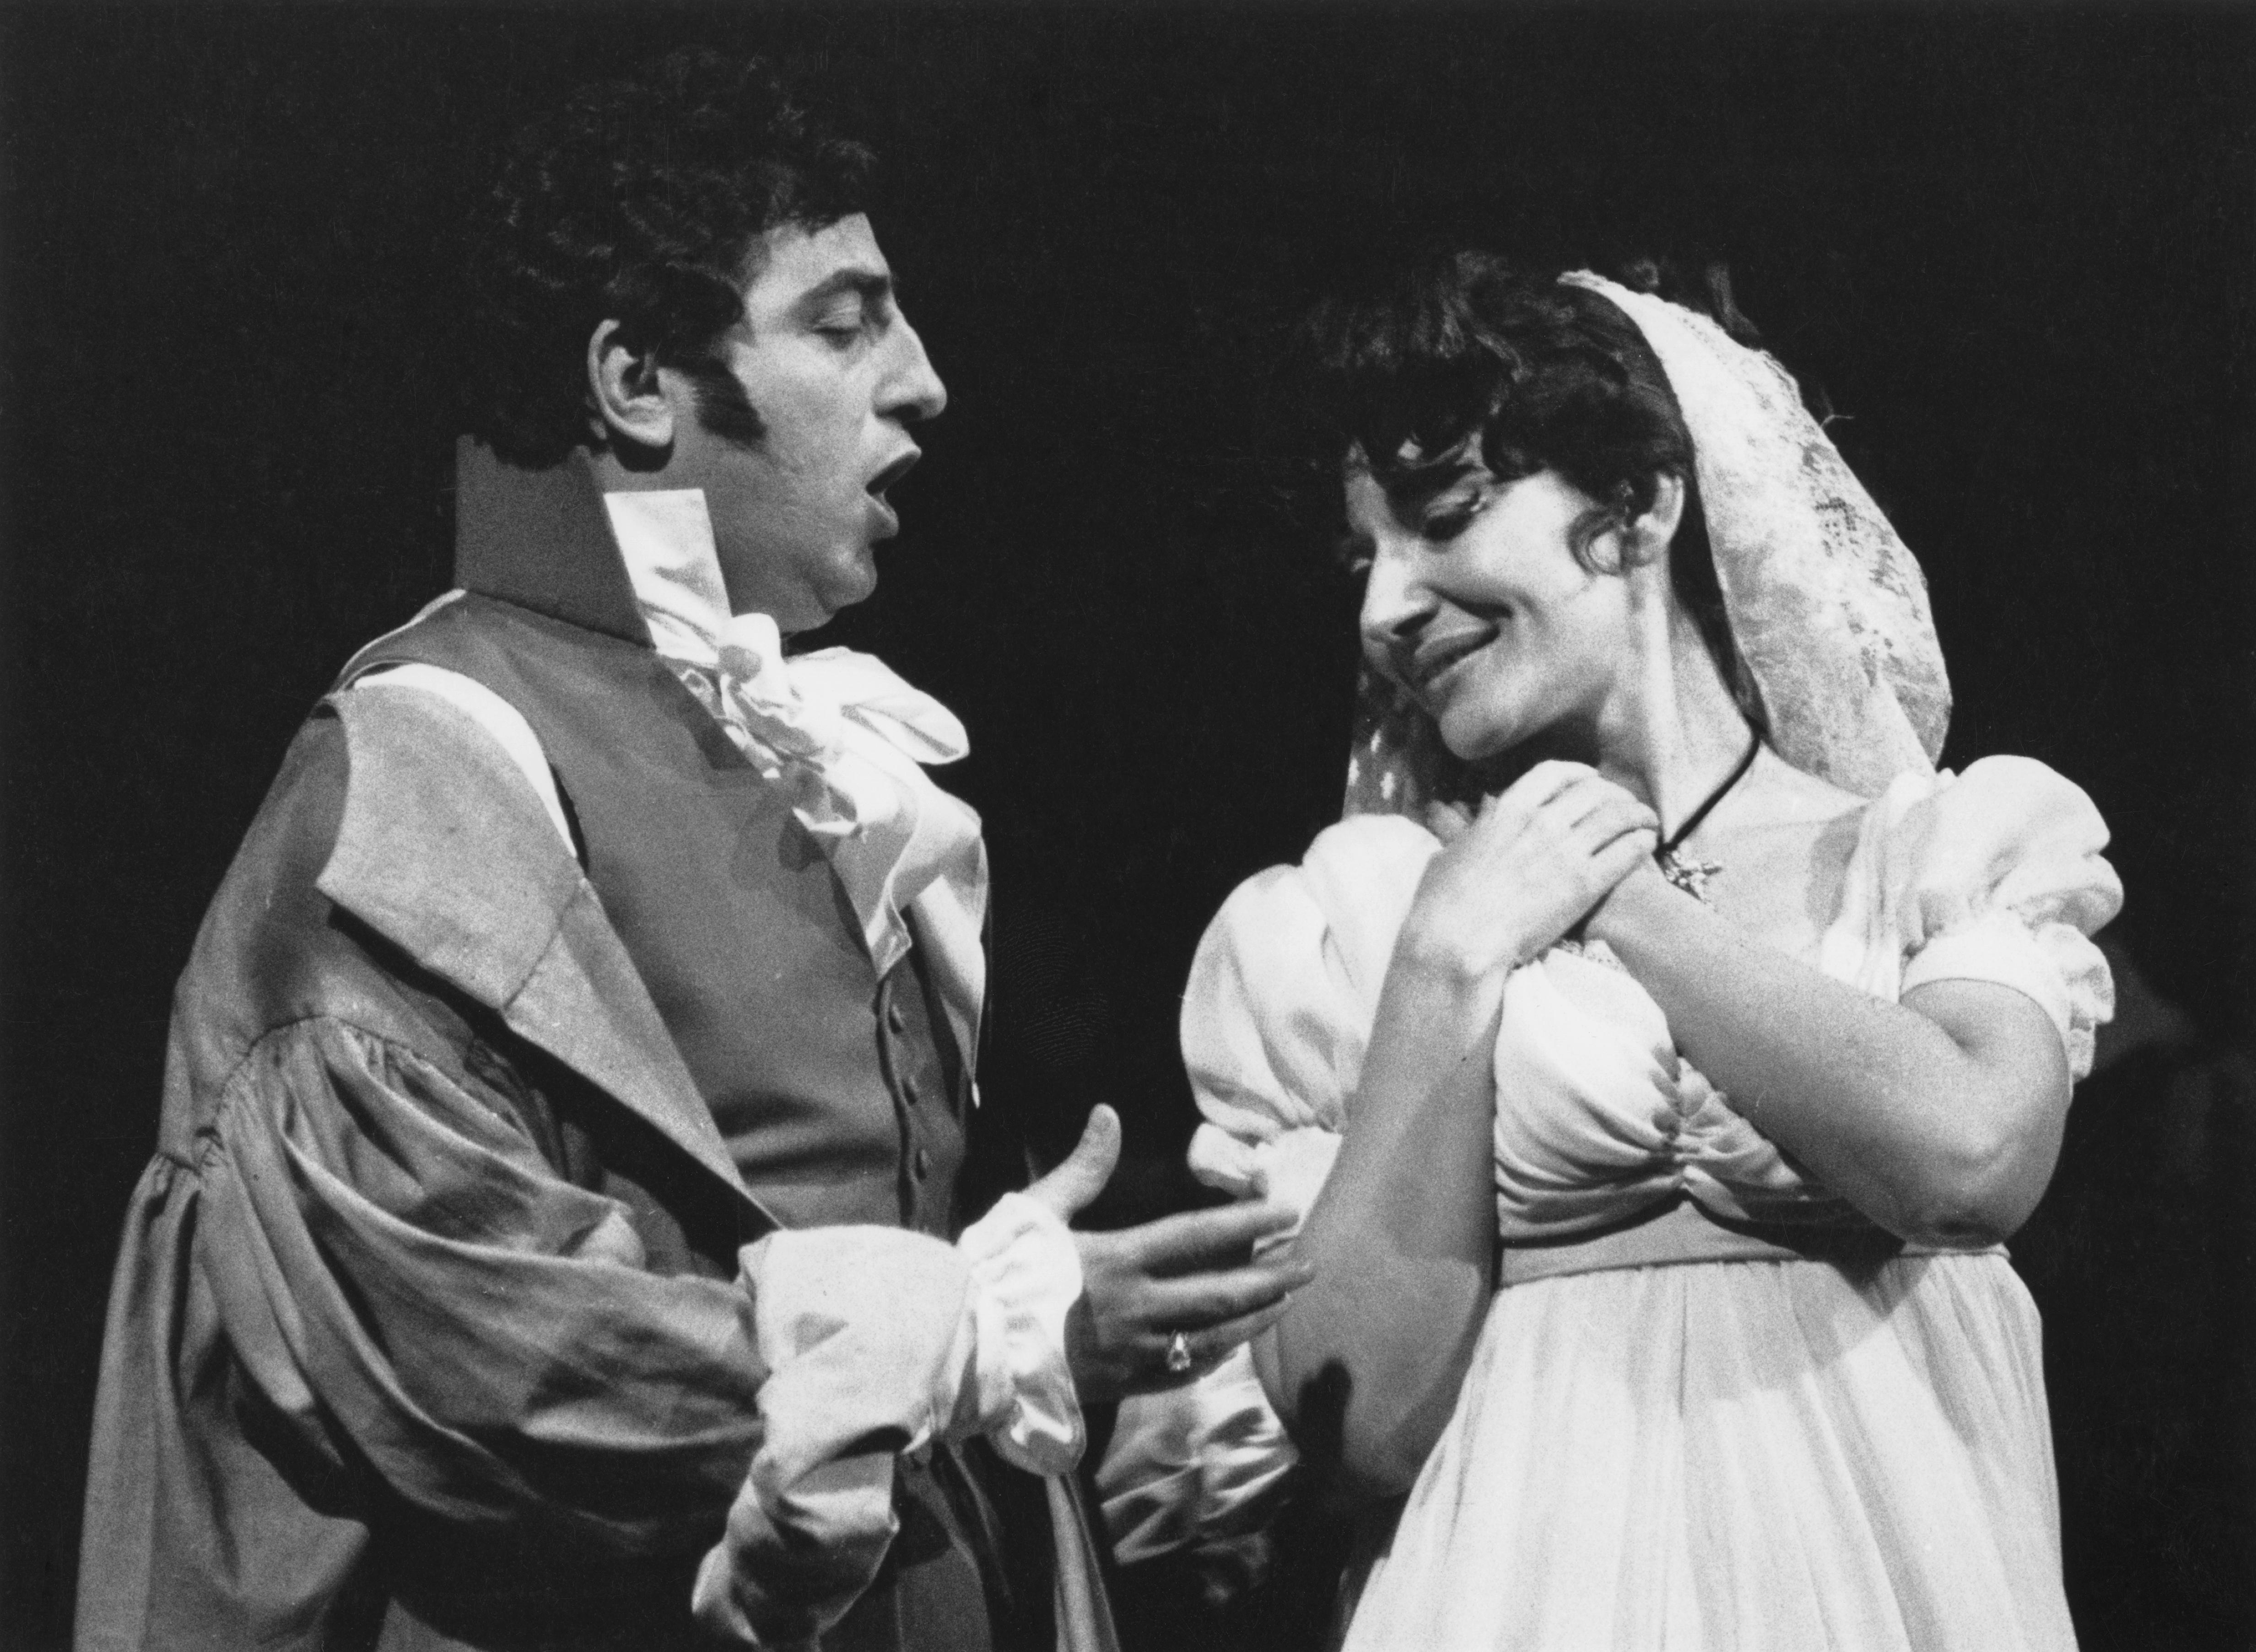 <p>Калас прави своя професионален дебют през февруари 1941 г. Първата ѝ водеща роля година по-късно е на Тоска в едноименната опера.</p>